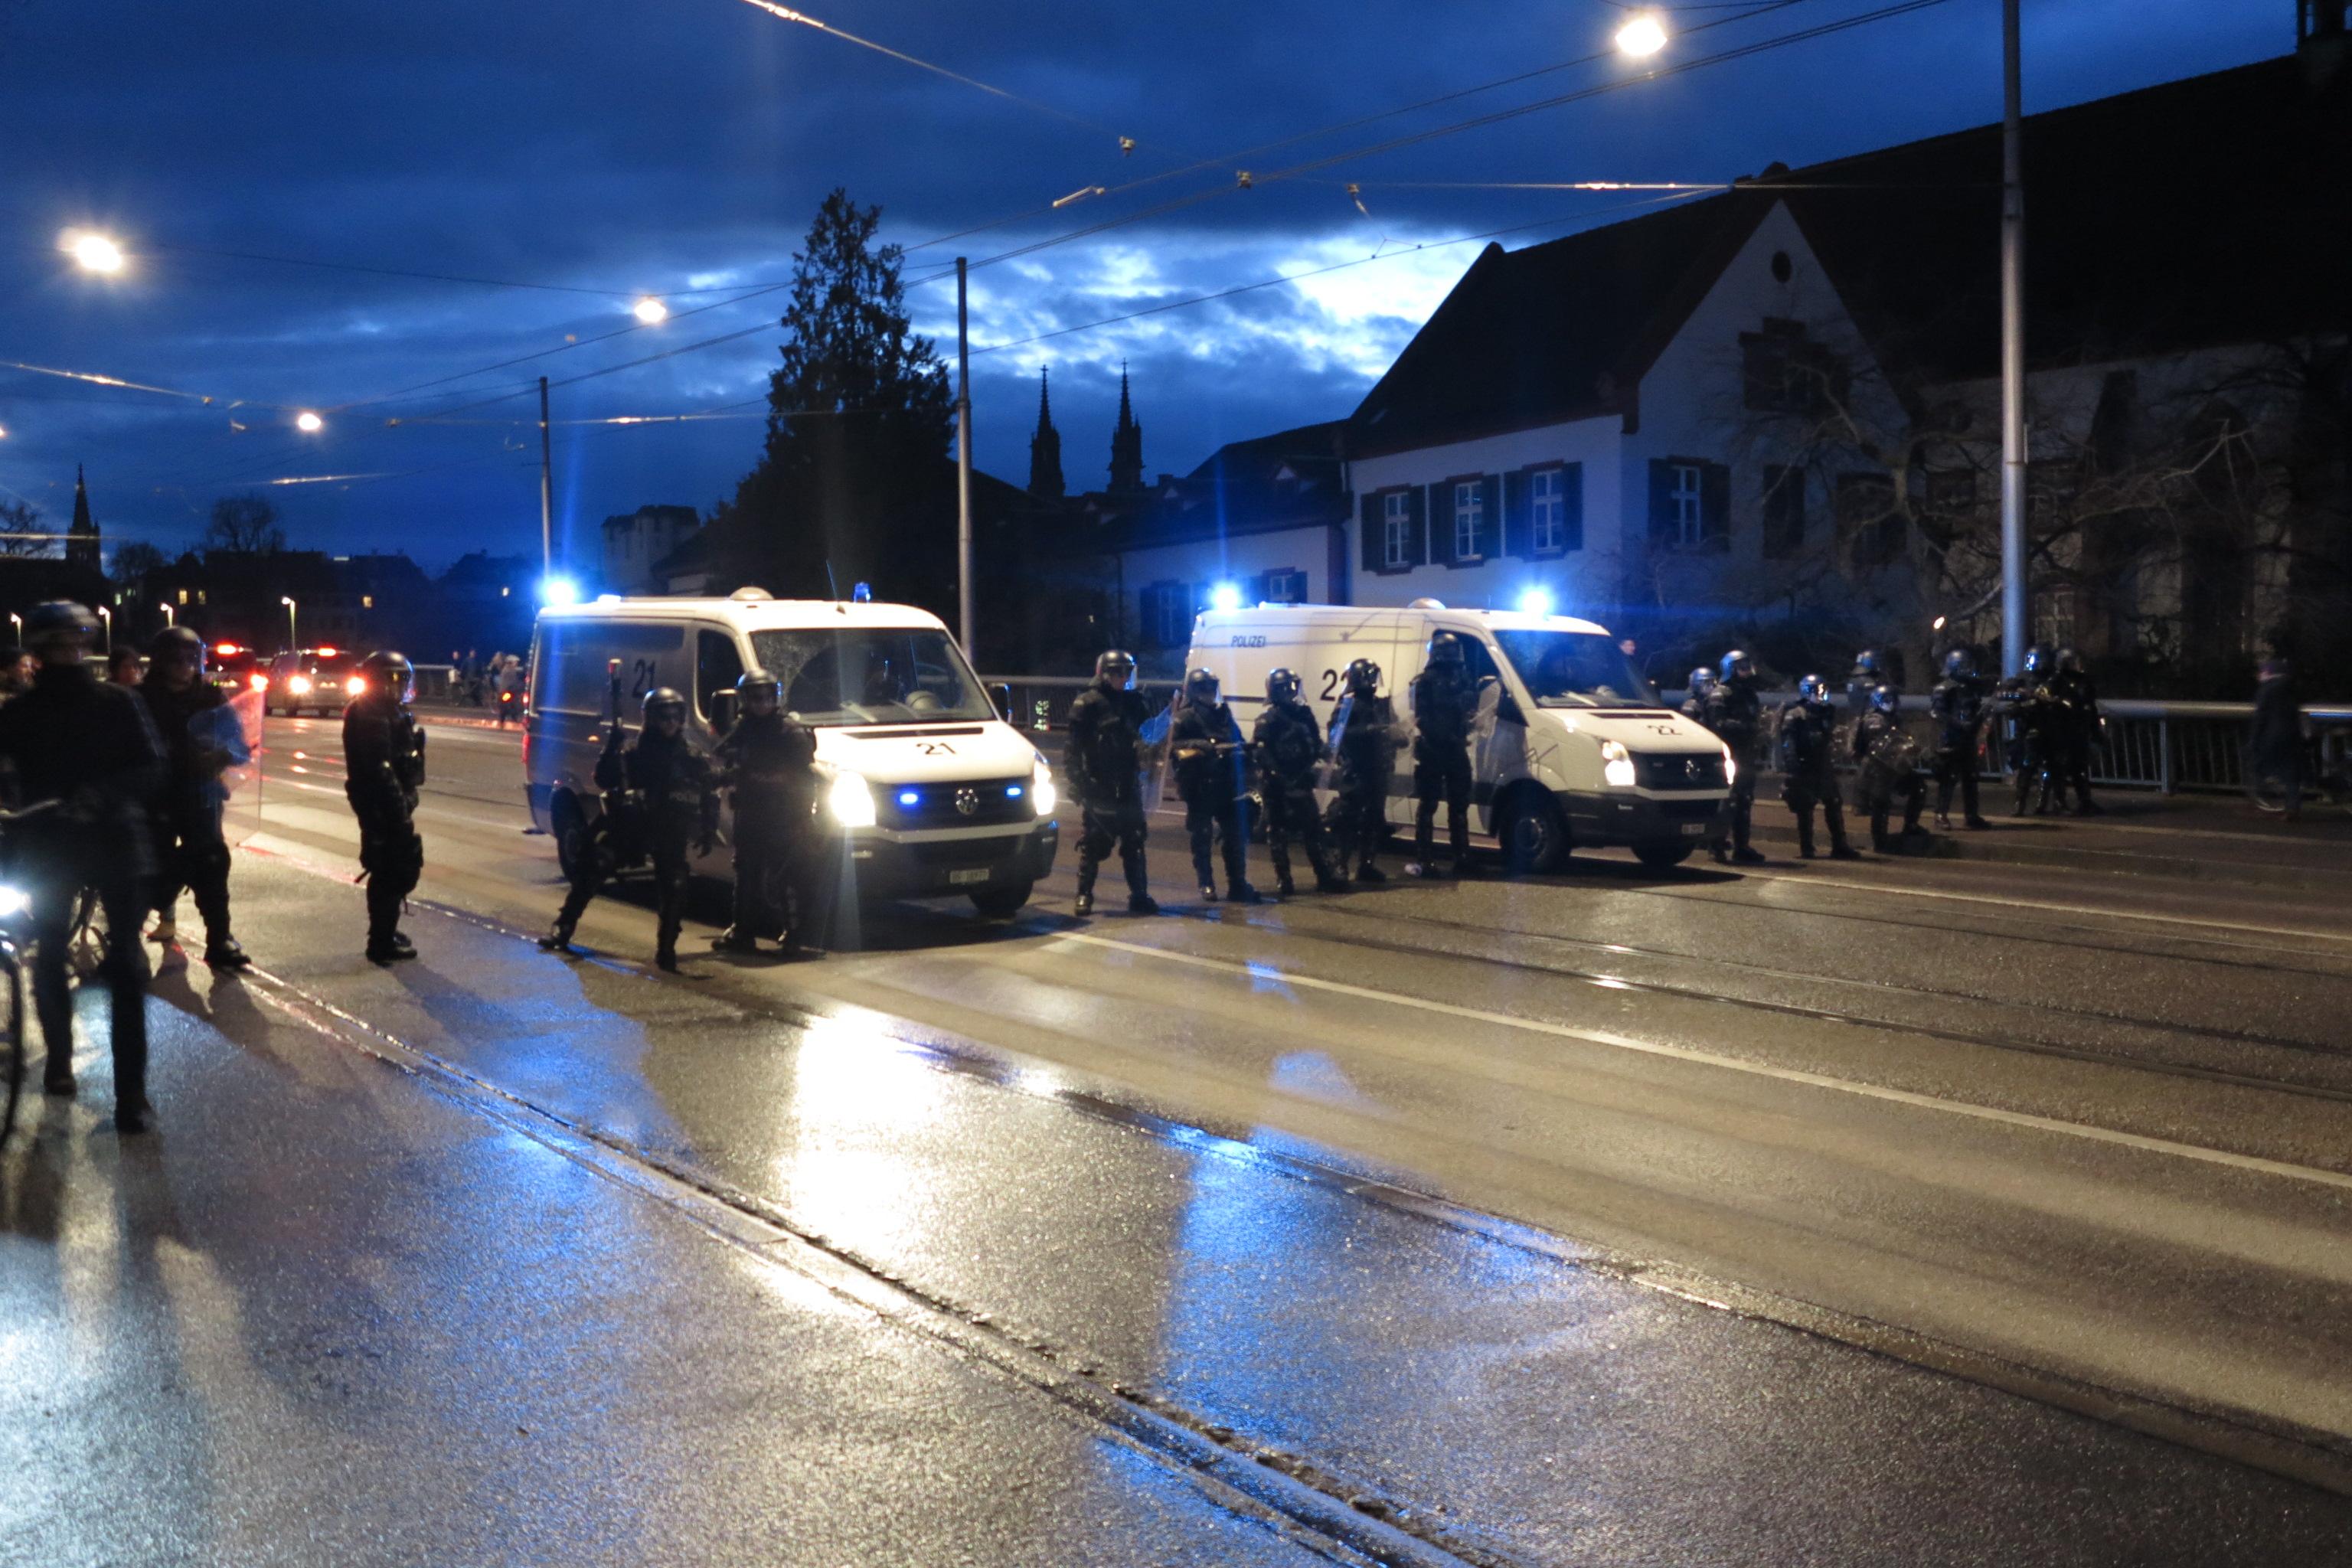 Ein Aufgebot von etwa 20 Polizisten warten auf die Demonstranten an der Wettsteinbrücke.